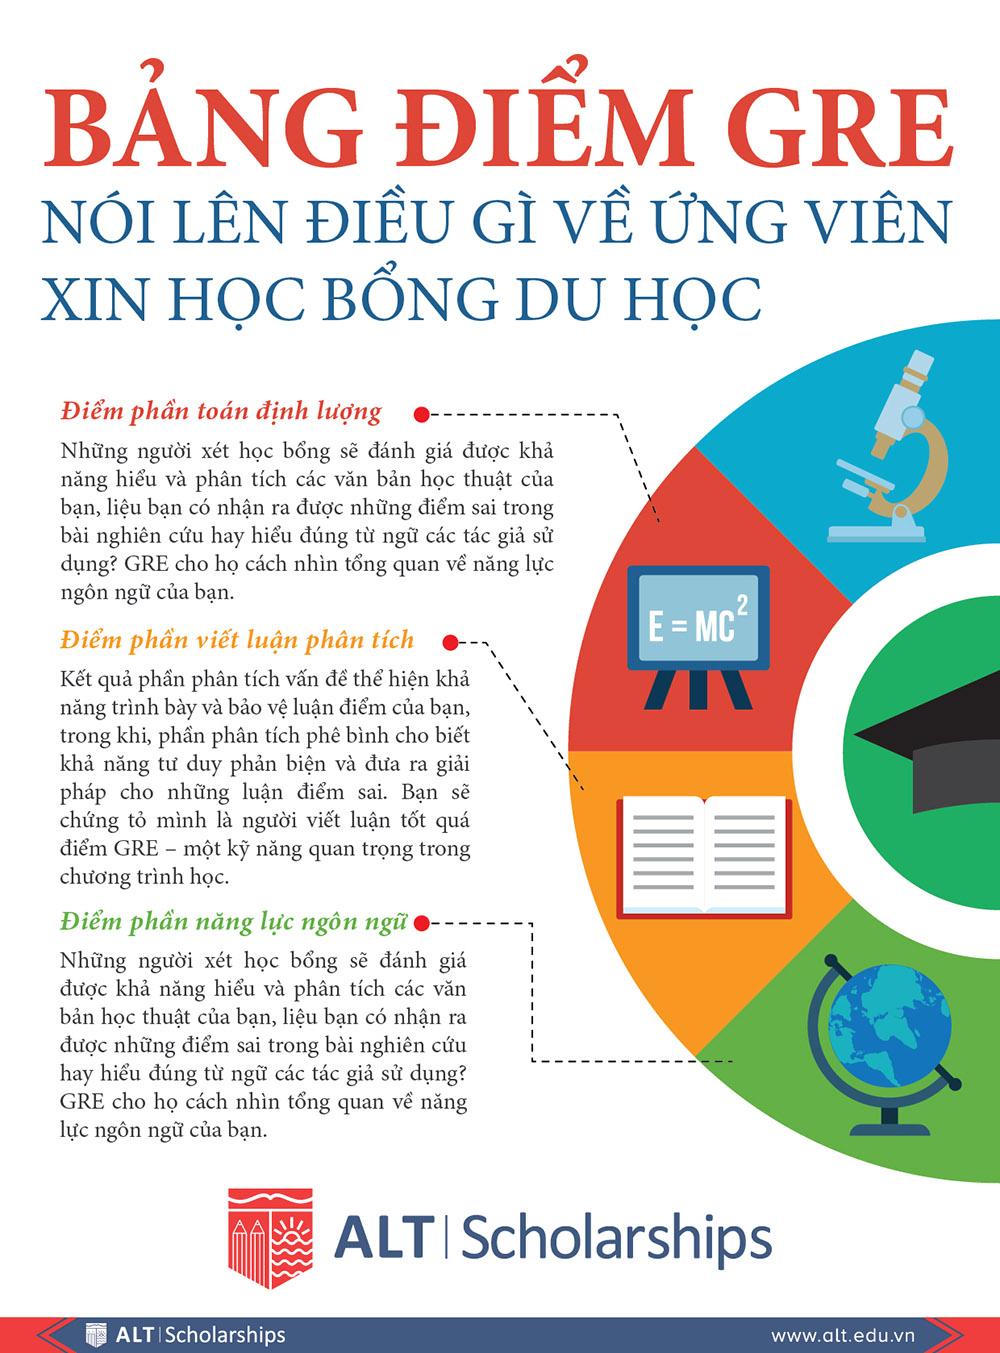 Bảng điểm GRE thể hiện gì về ứng viên xin học bổng du học thạc sĩ